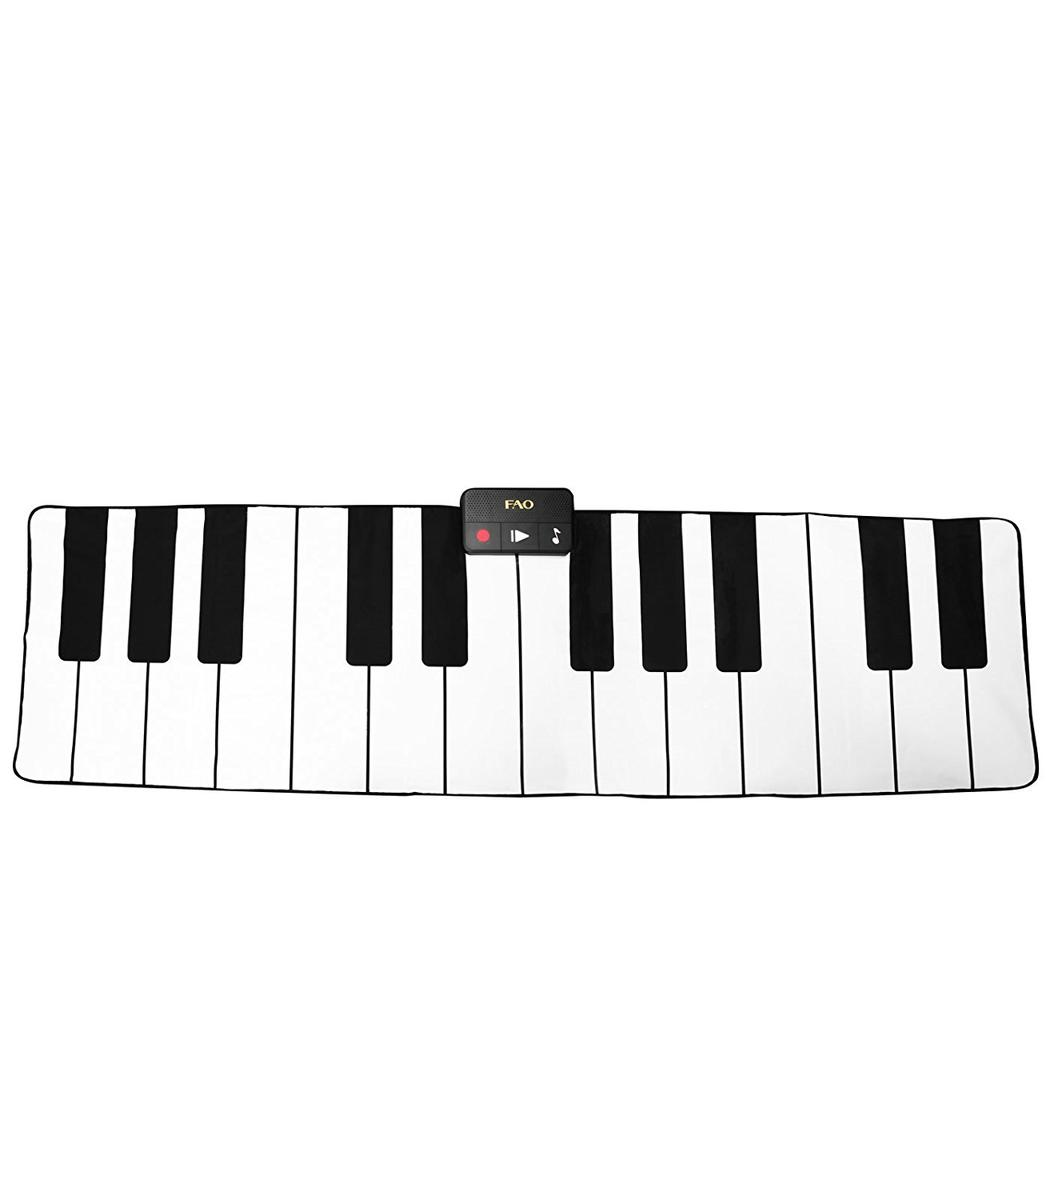 ピアノ マット FAO Schwarz 175cm x 79cm ピアノマット 楽器 おもちゃ ダンス エクササイズ 海外 グッズ タブレット型ピアノ